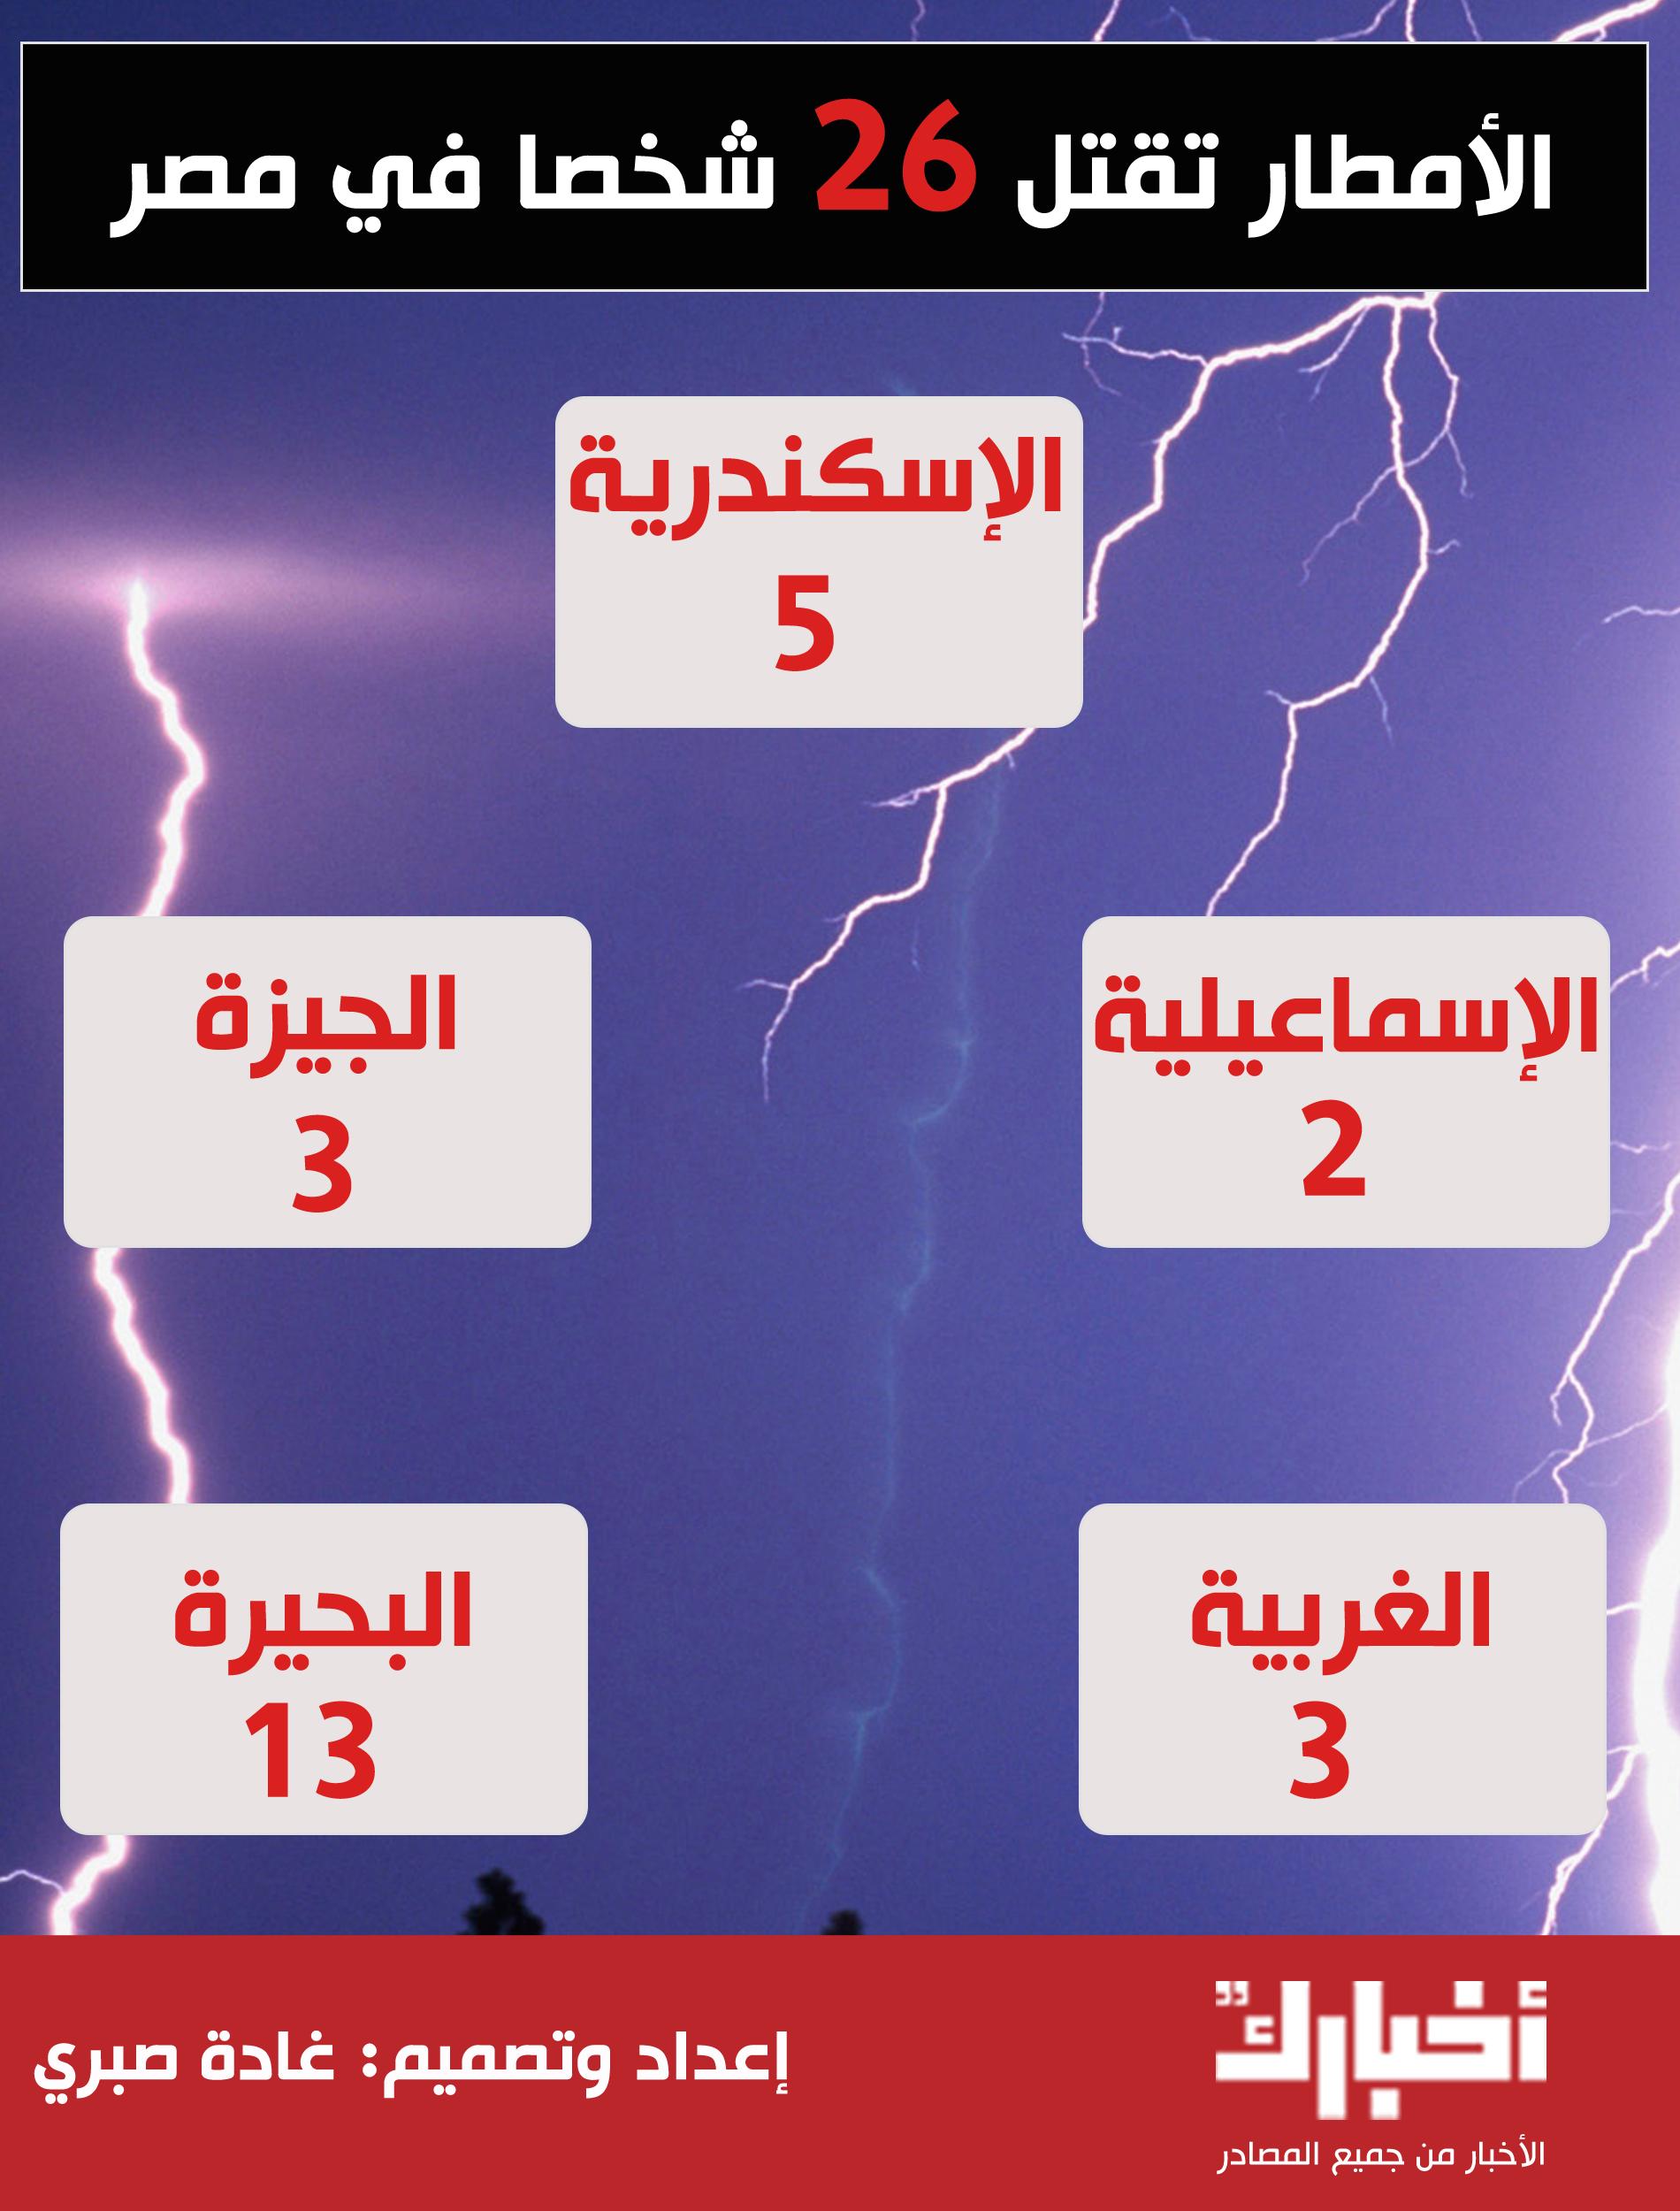 الأمطار تقتل 26 شخص في مصر